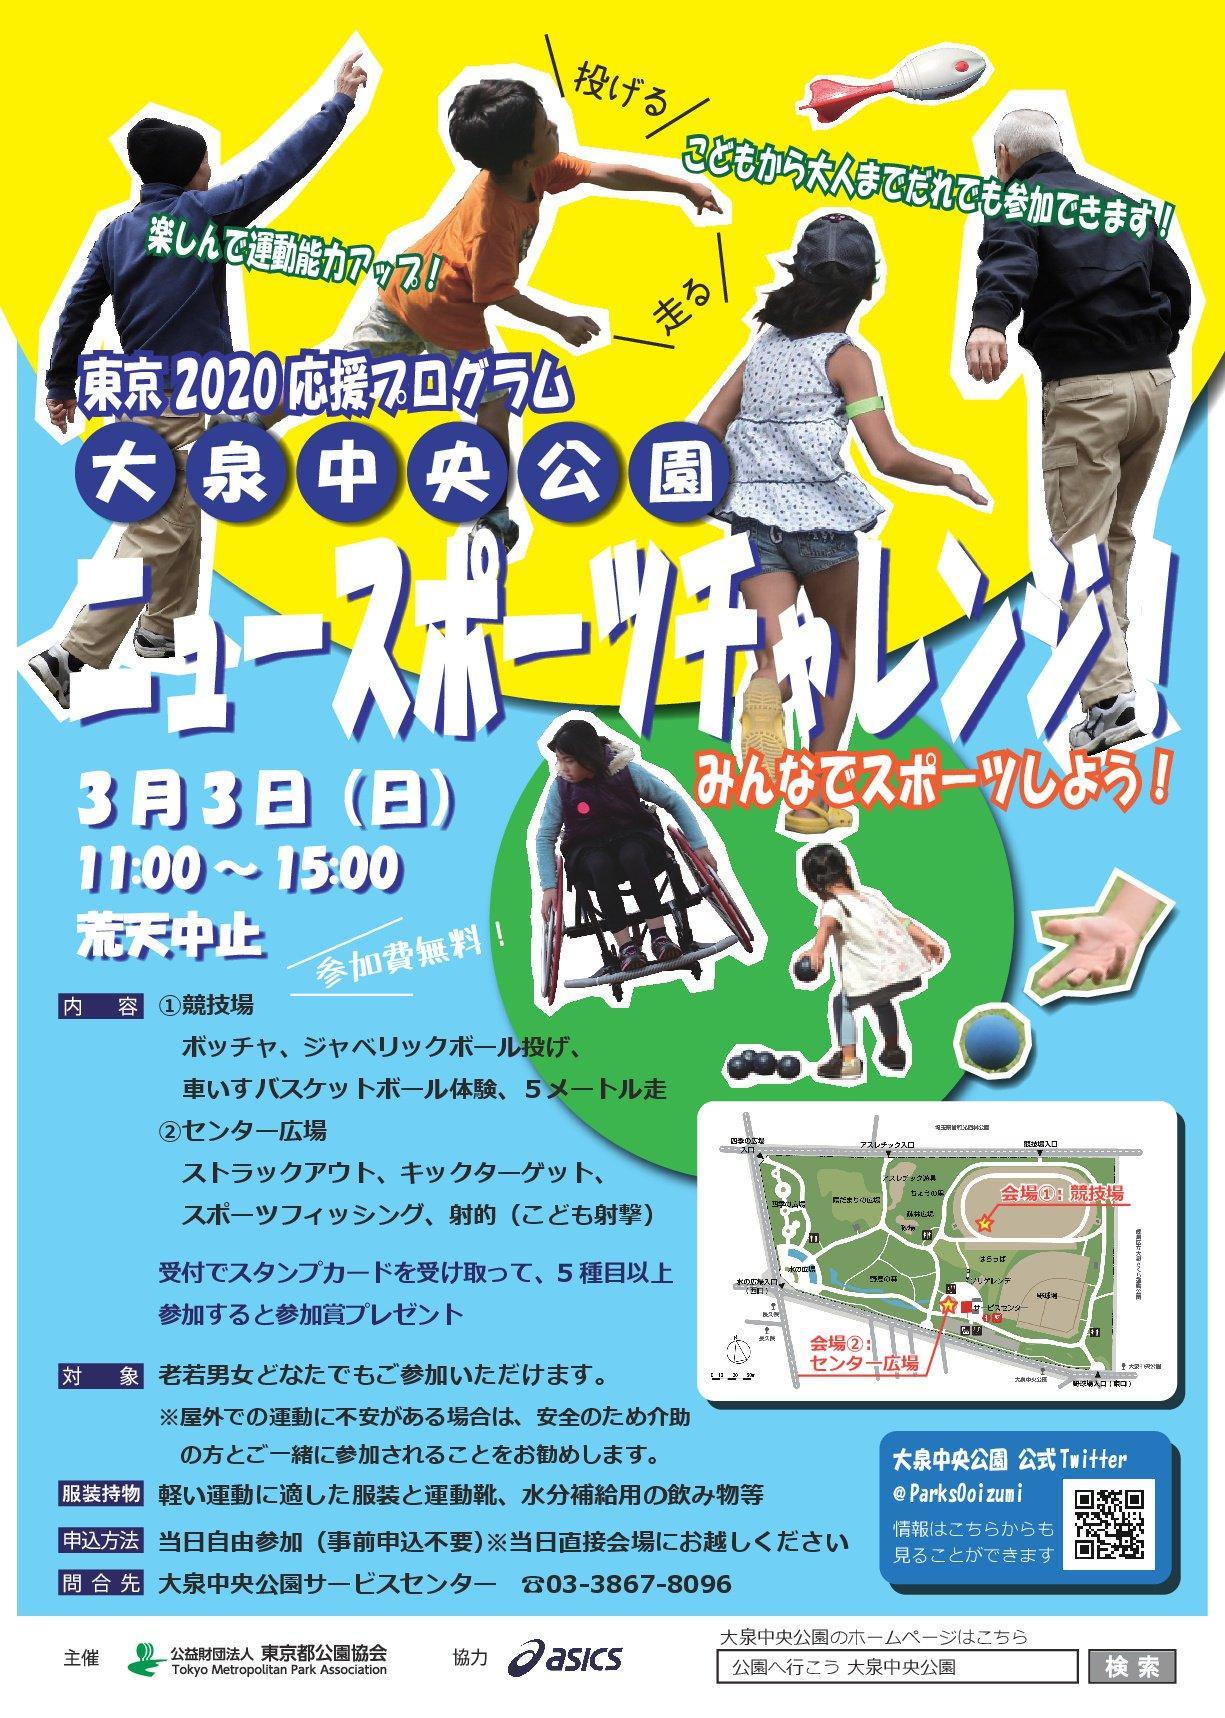 """東京2020幫助程序大泉中央公園""""新運動挑戰"""""""